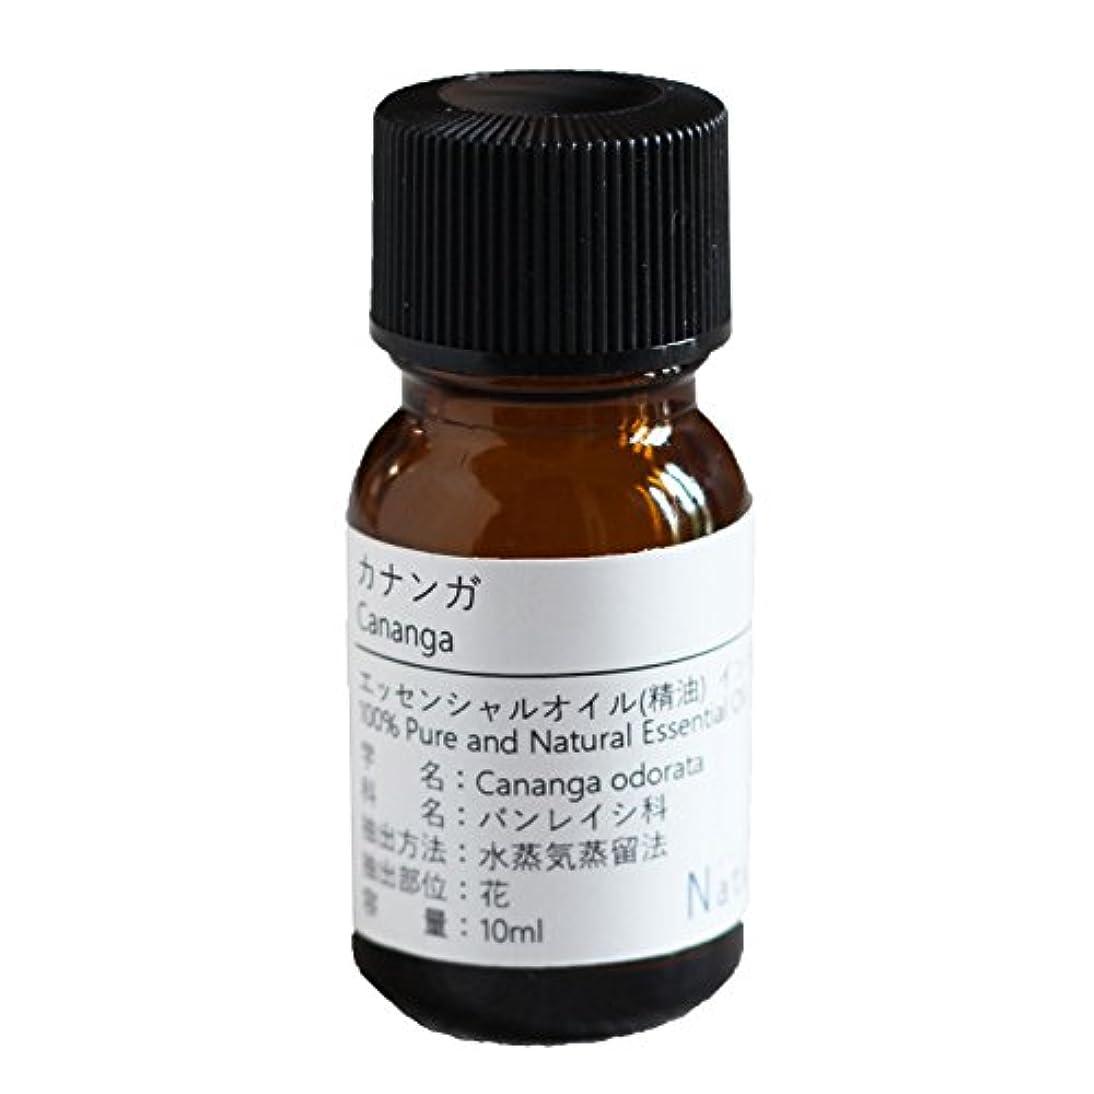 歩く超える薄めるNatural蒼 カナンガ/エッセンシャルオイル 精油天然100% (30ml)